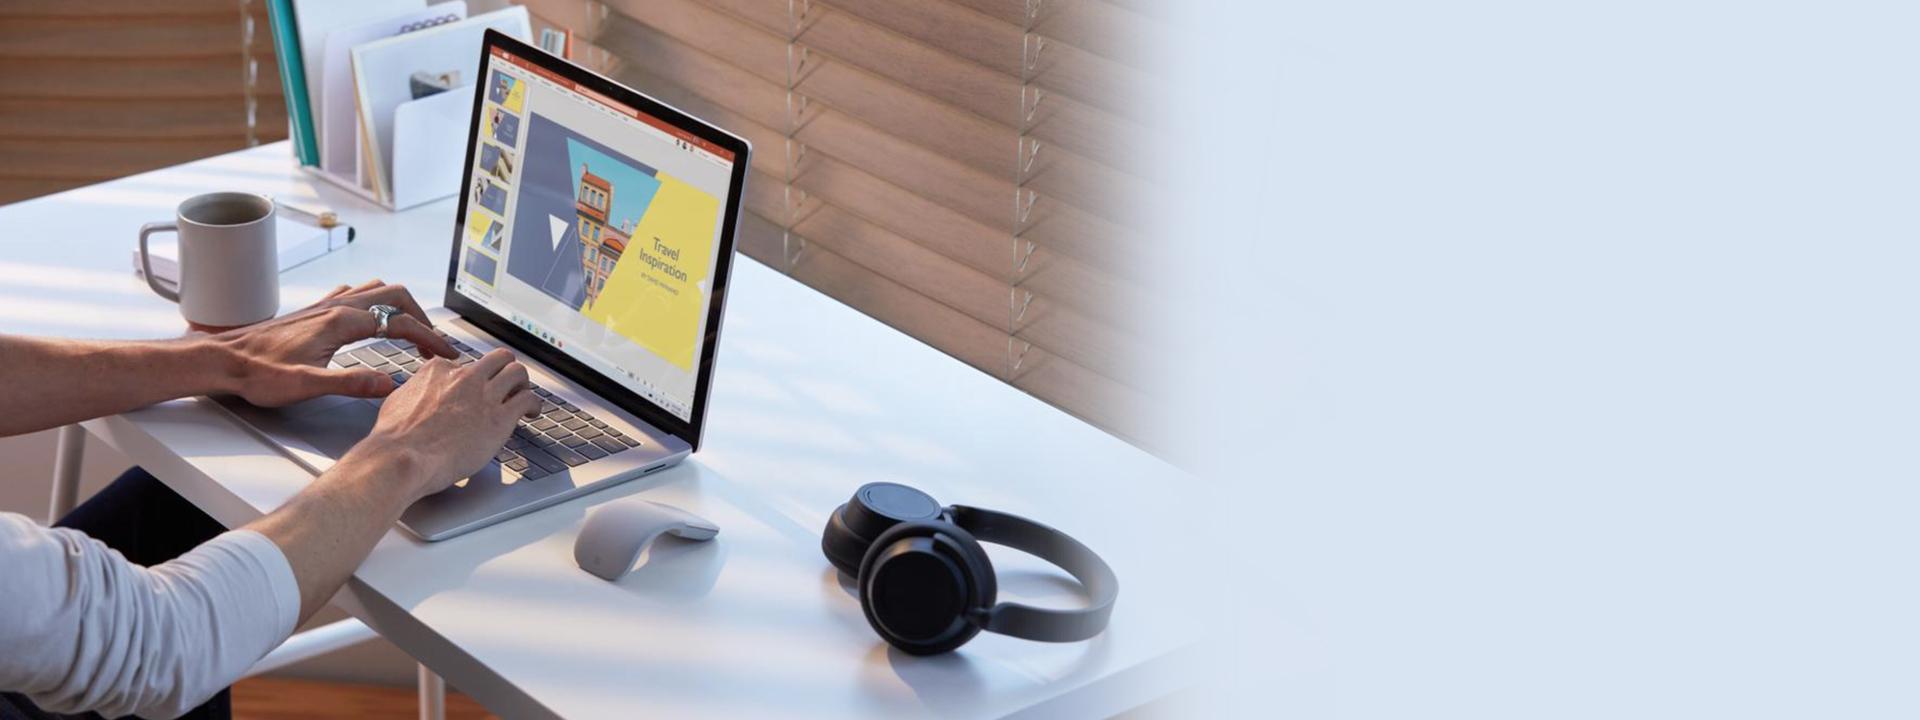 桌上摆放着 Surface Laptop 3 和 Surface Headphones